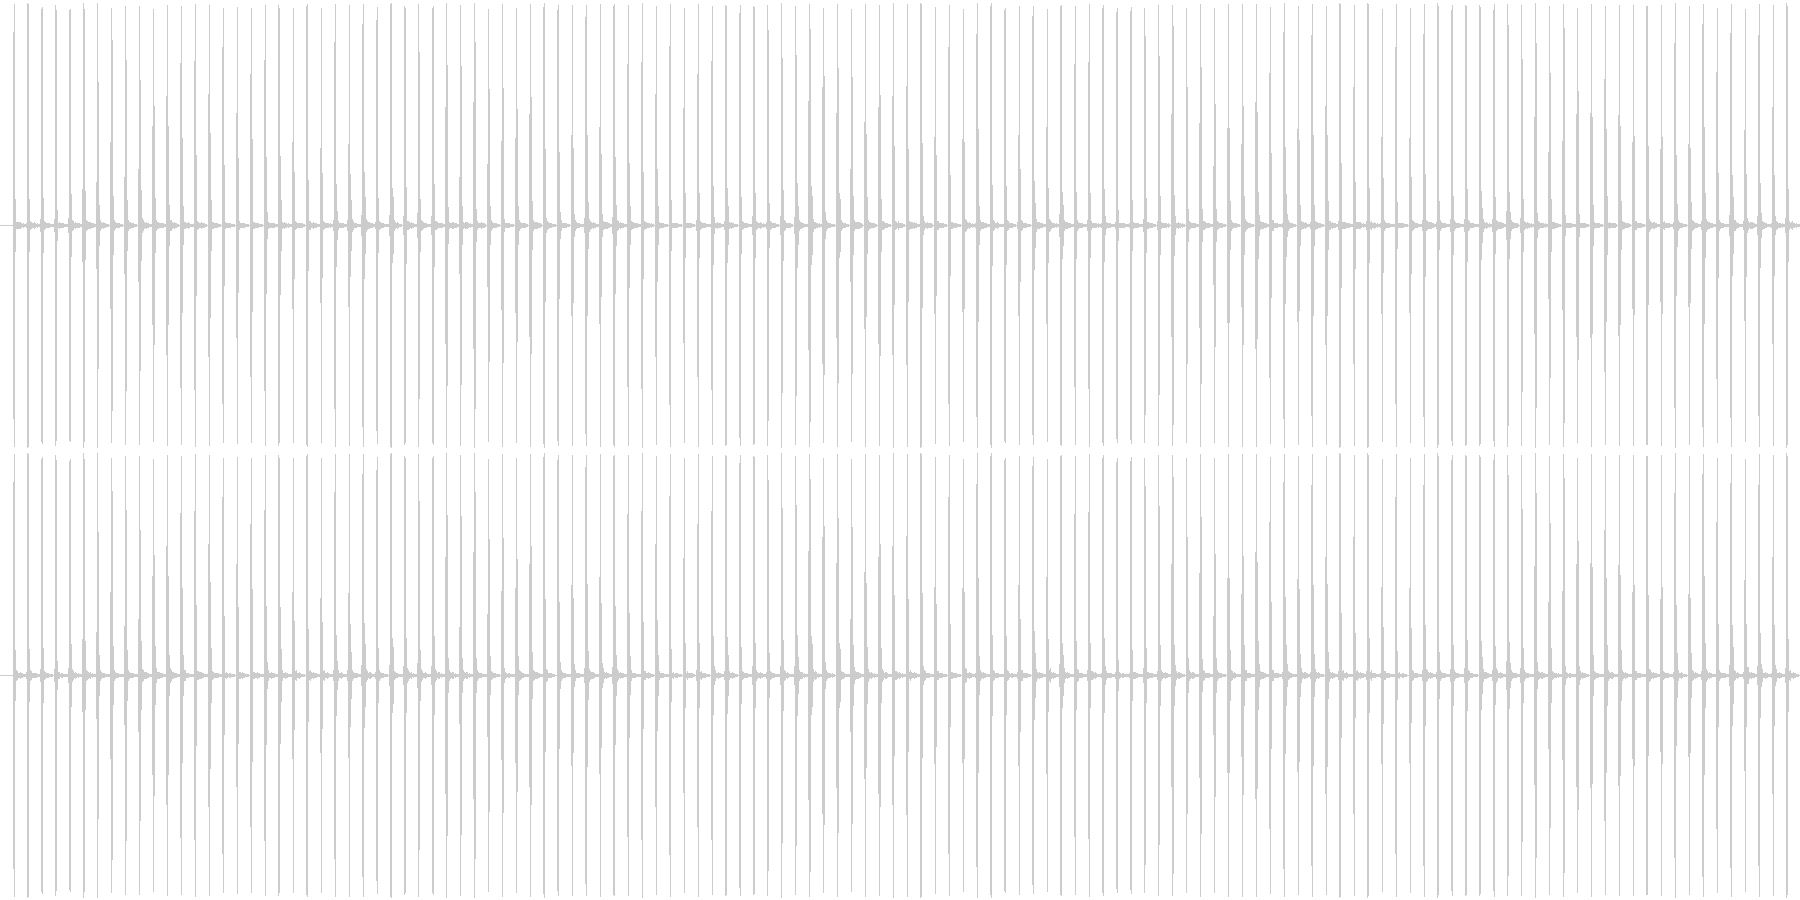 (チッチッ)ストップウォッチの秒針音Aの未再生の波形